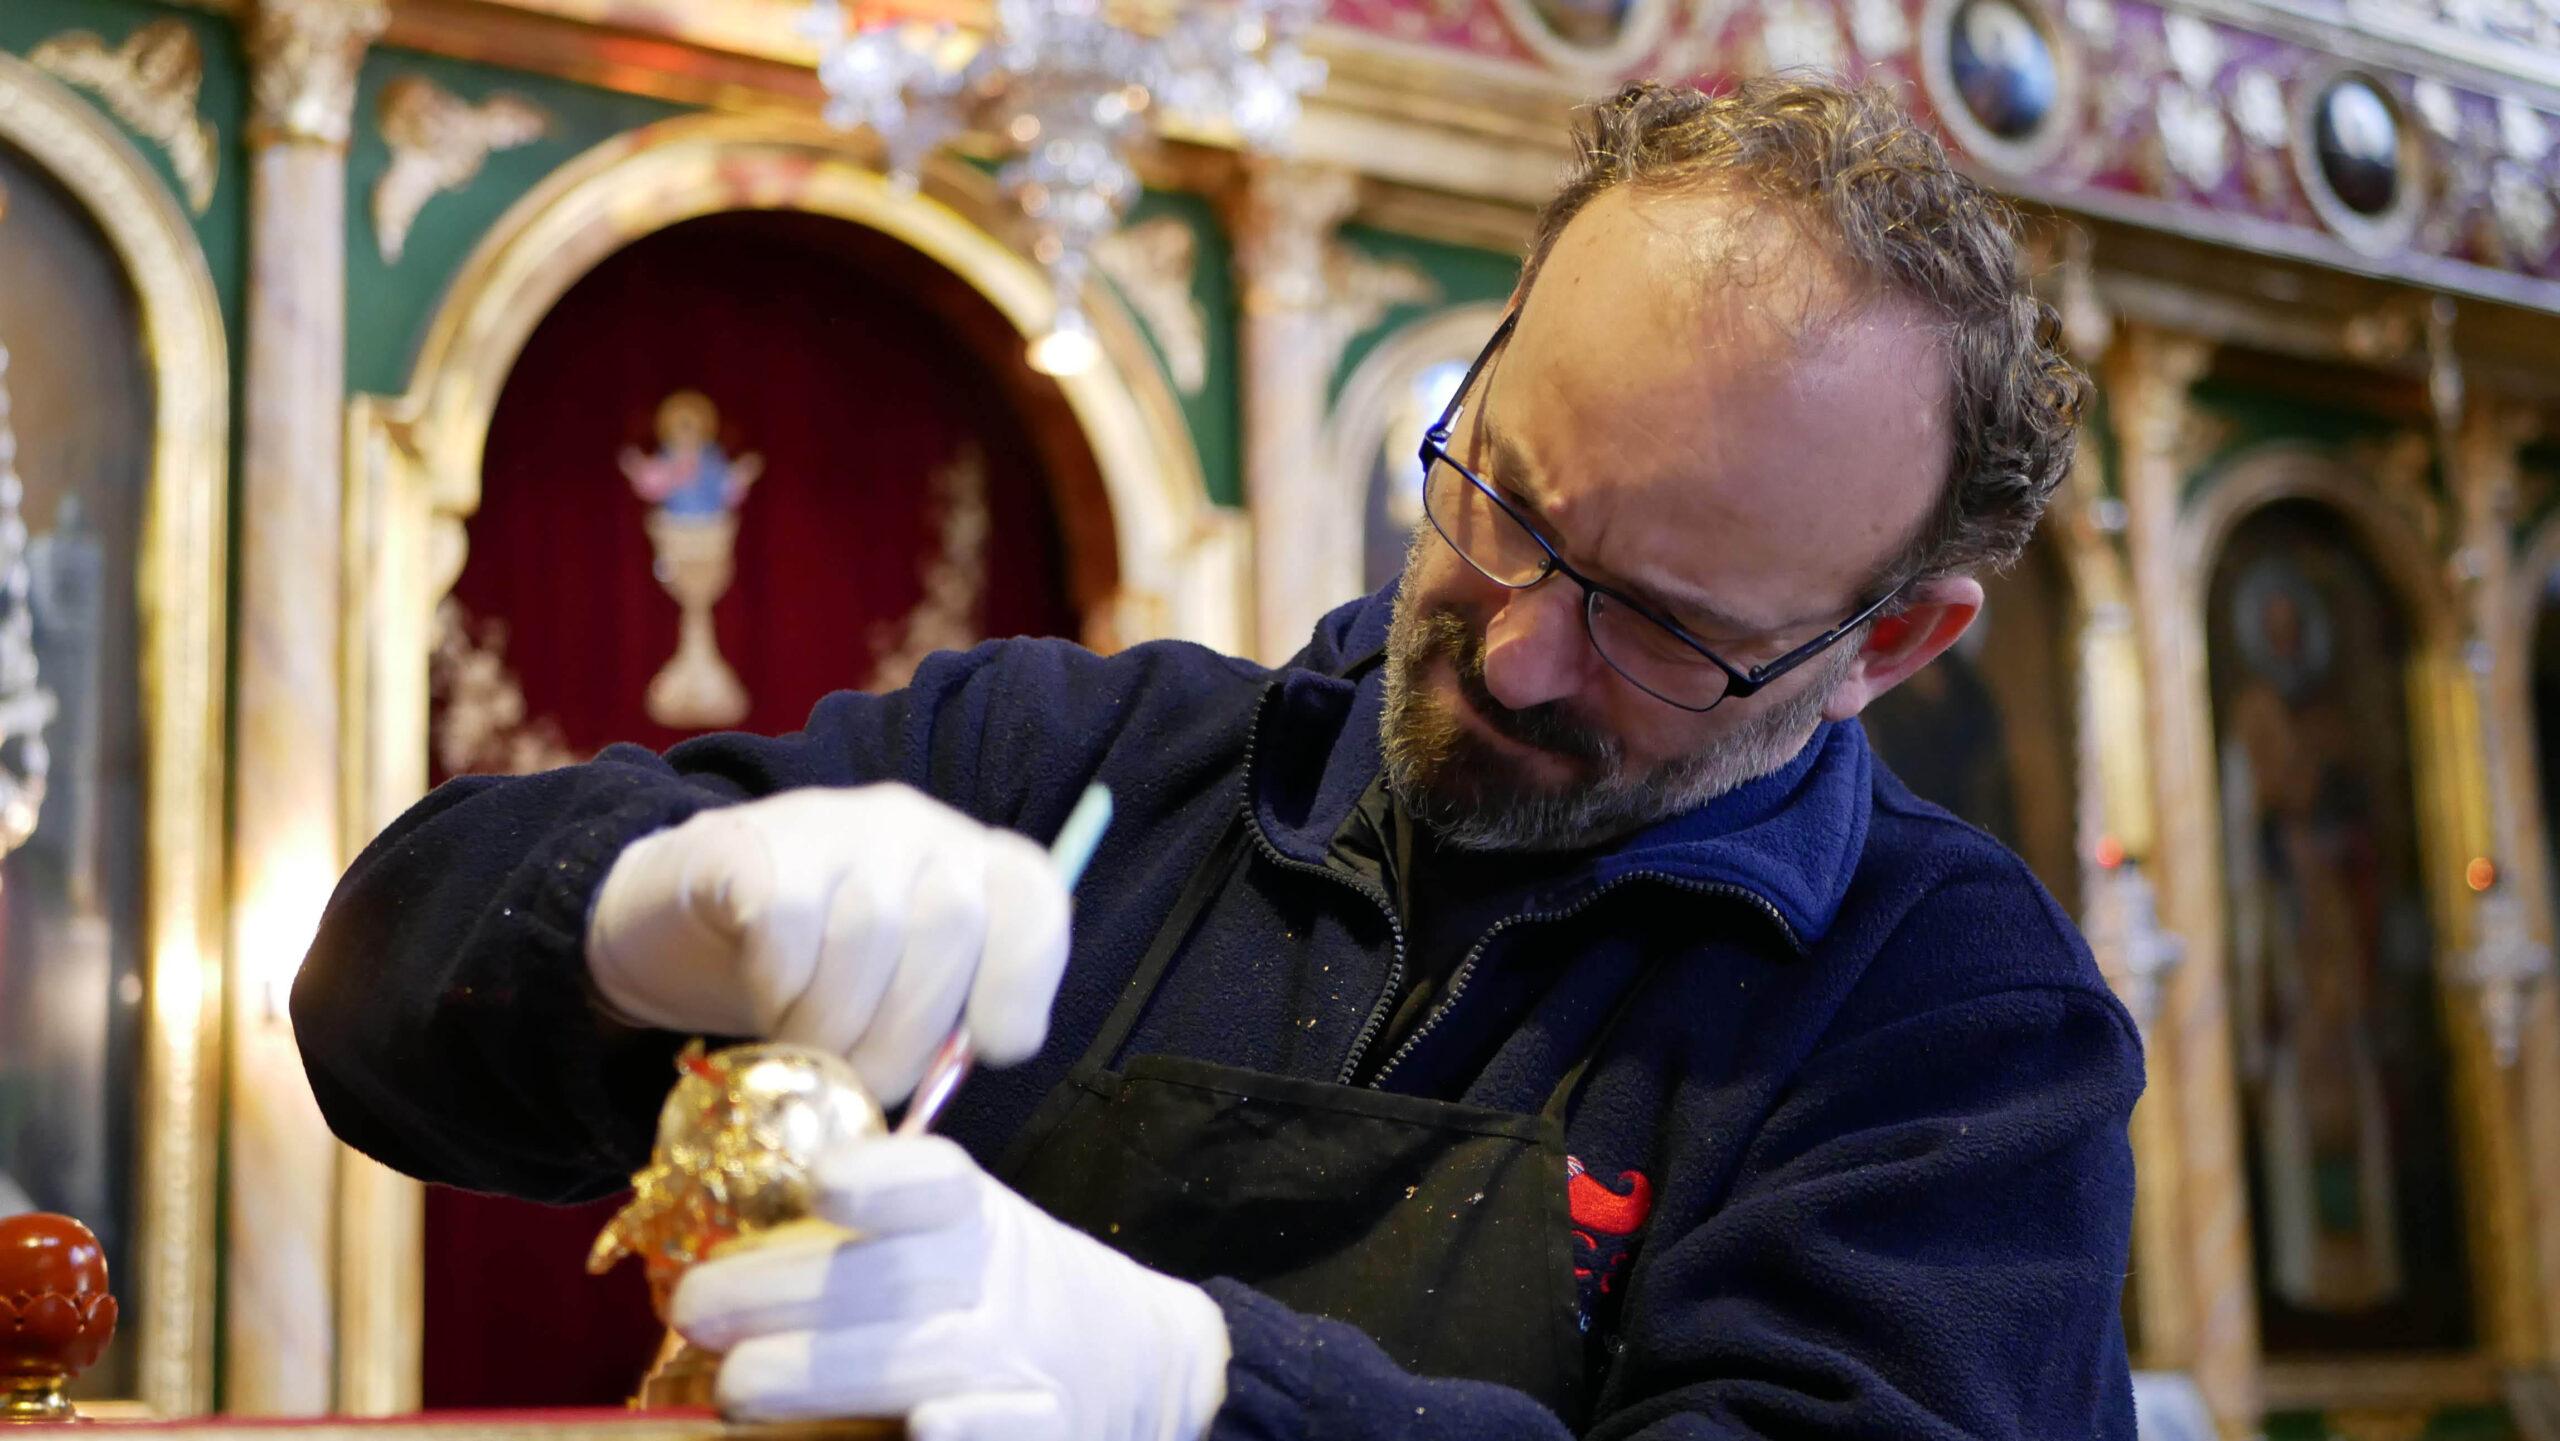 Ο Λαρισαίος που απεικονίζει ζωγραφικά τα Ιερά Πρόσωπα αλλά και καθαρίζει και συντηρεί Ιερούς Ναούς με εξαιτερικό αποτέλεσμα (φωτο)